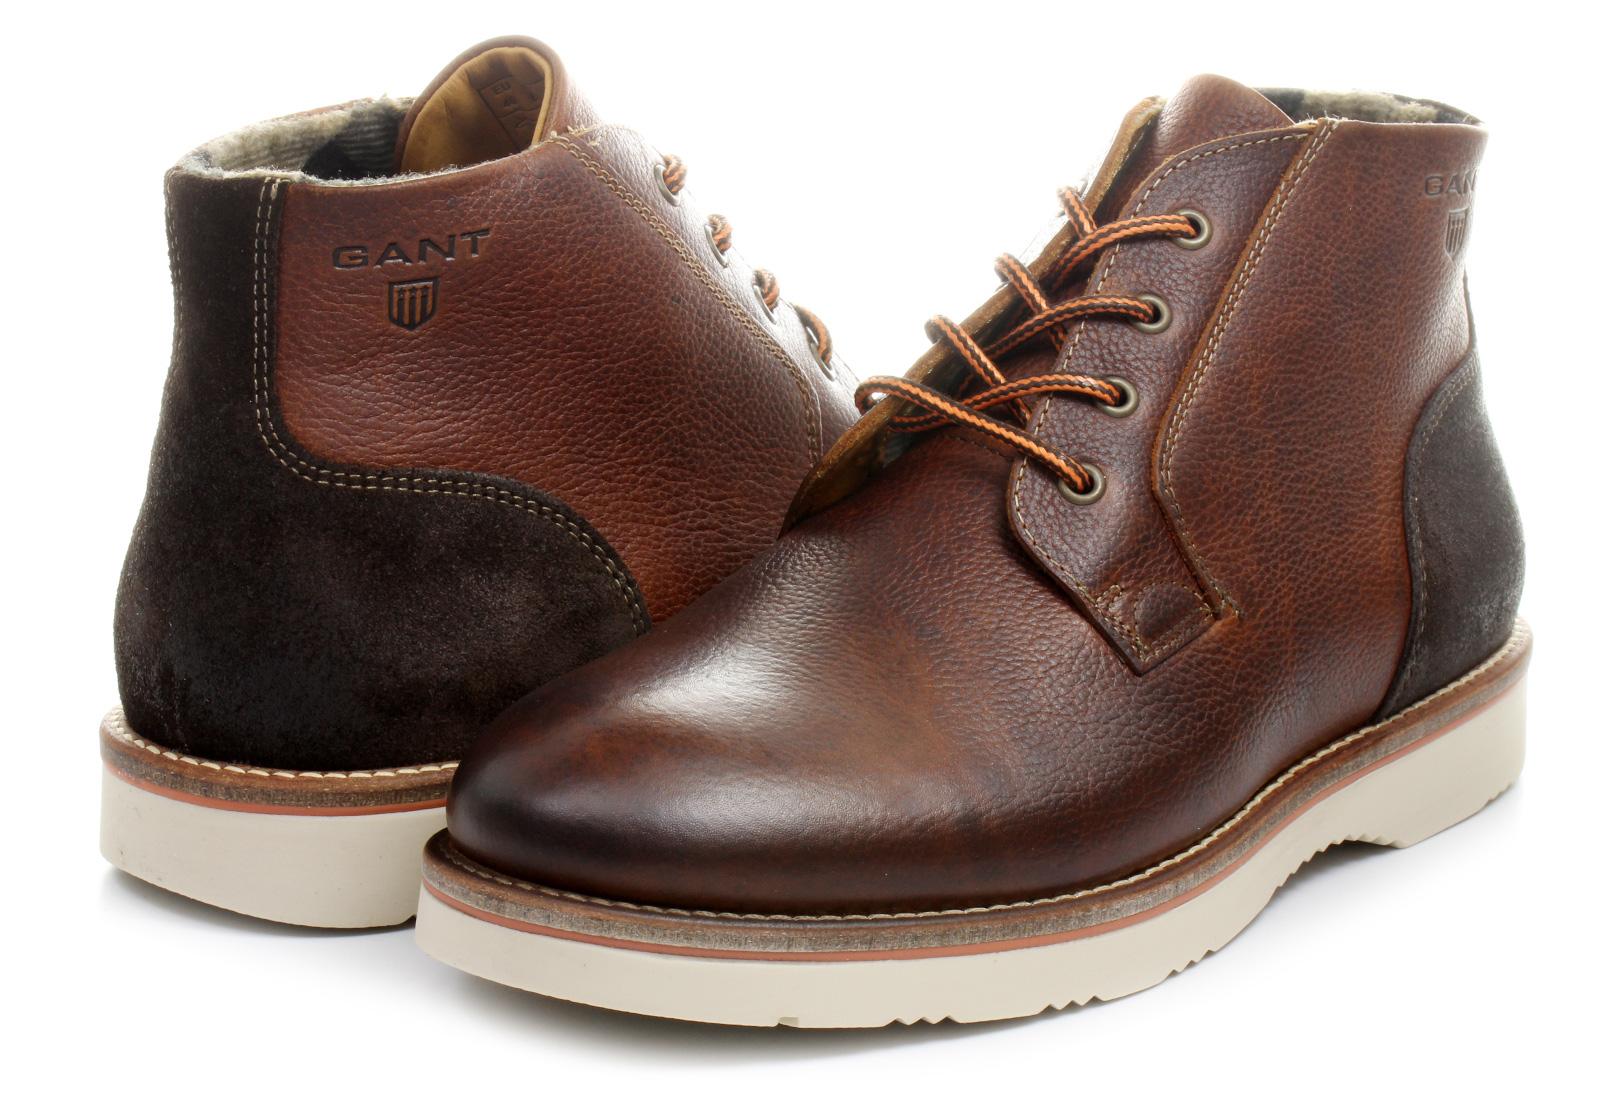 Gant Shoes Online Shop